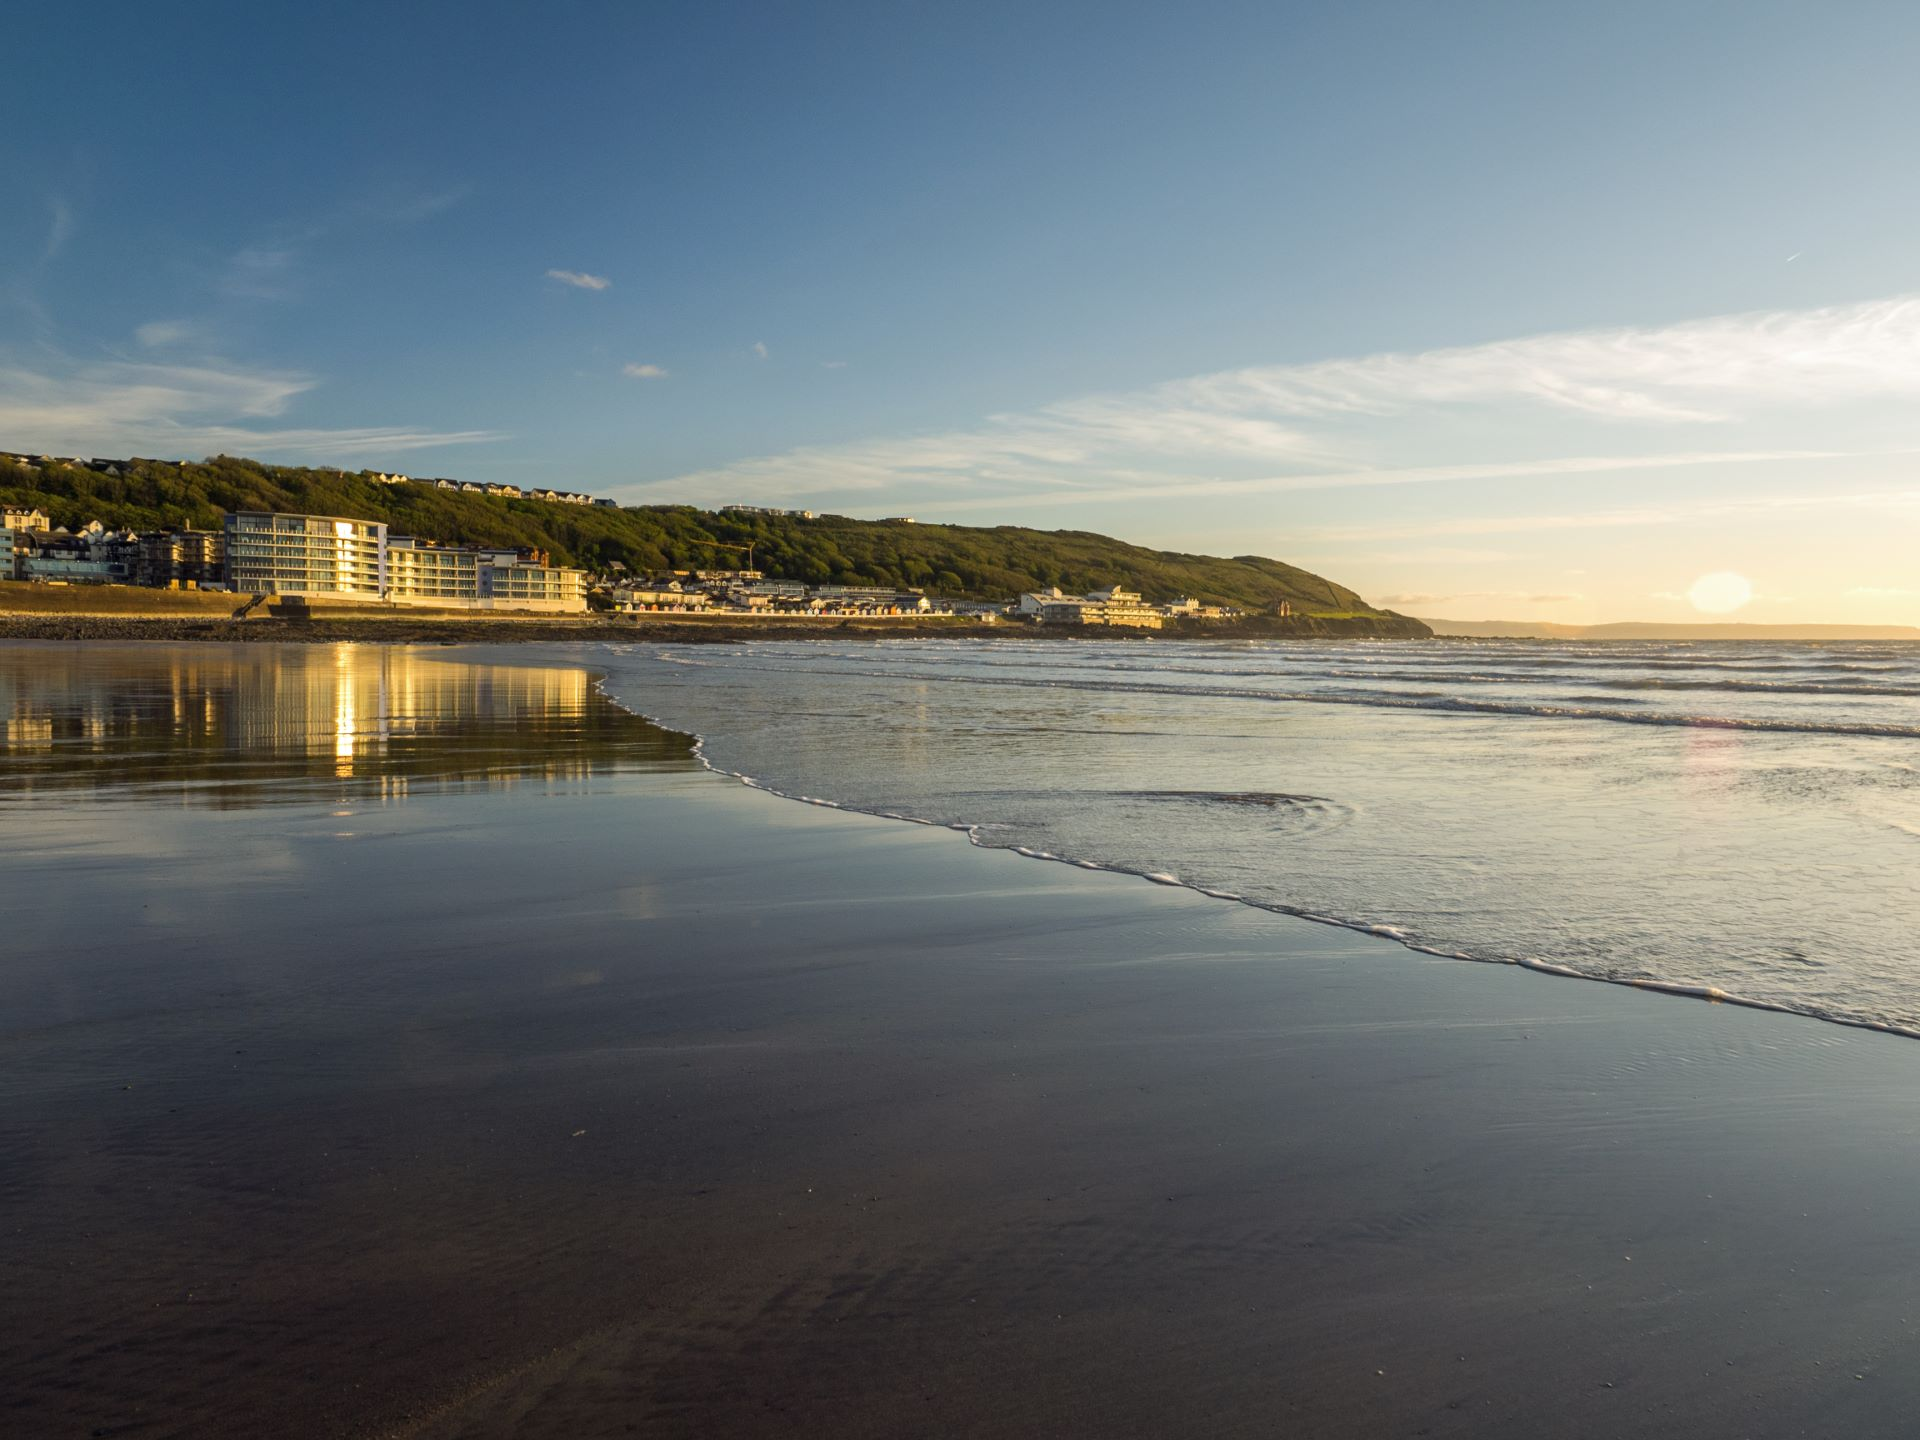 Westward Ho! beach image